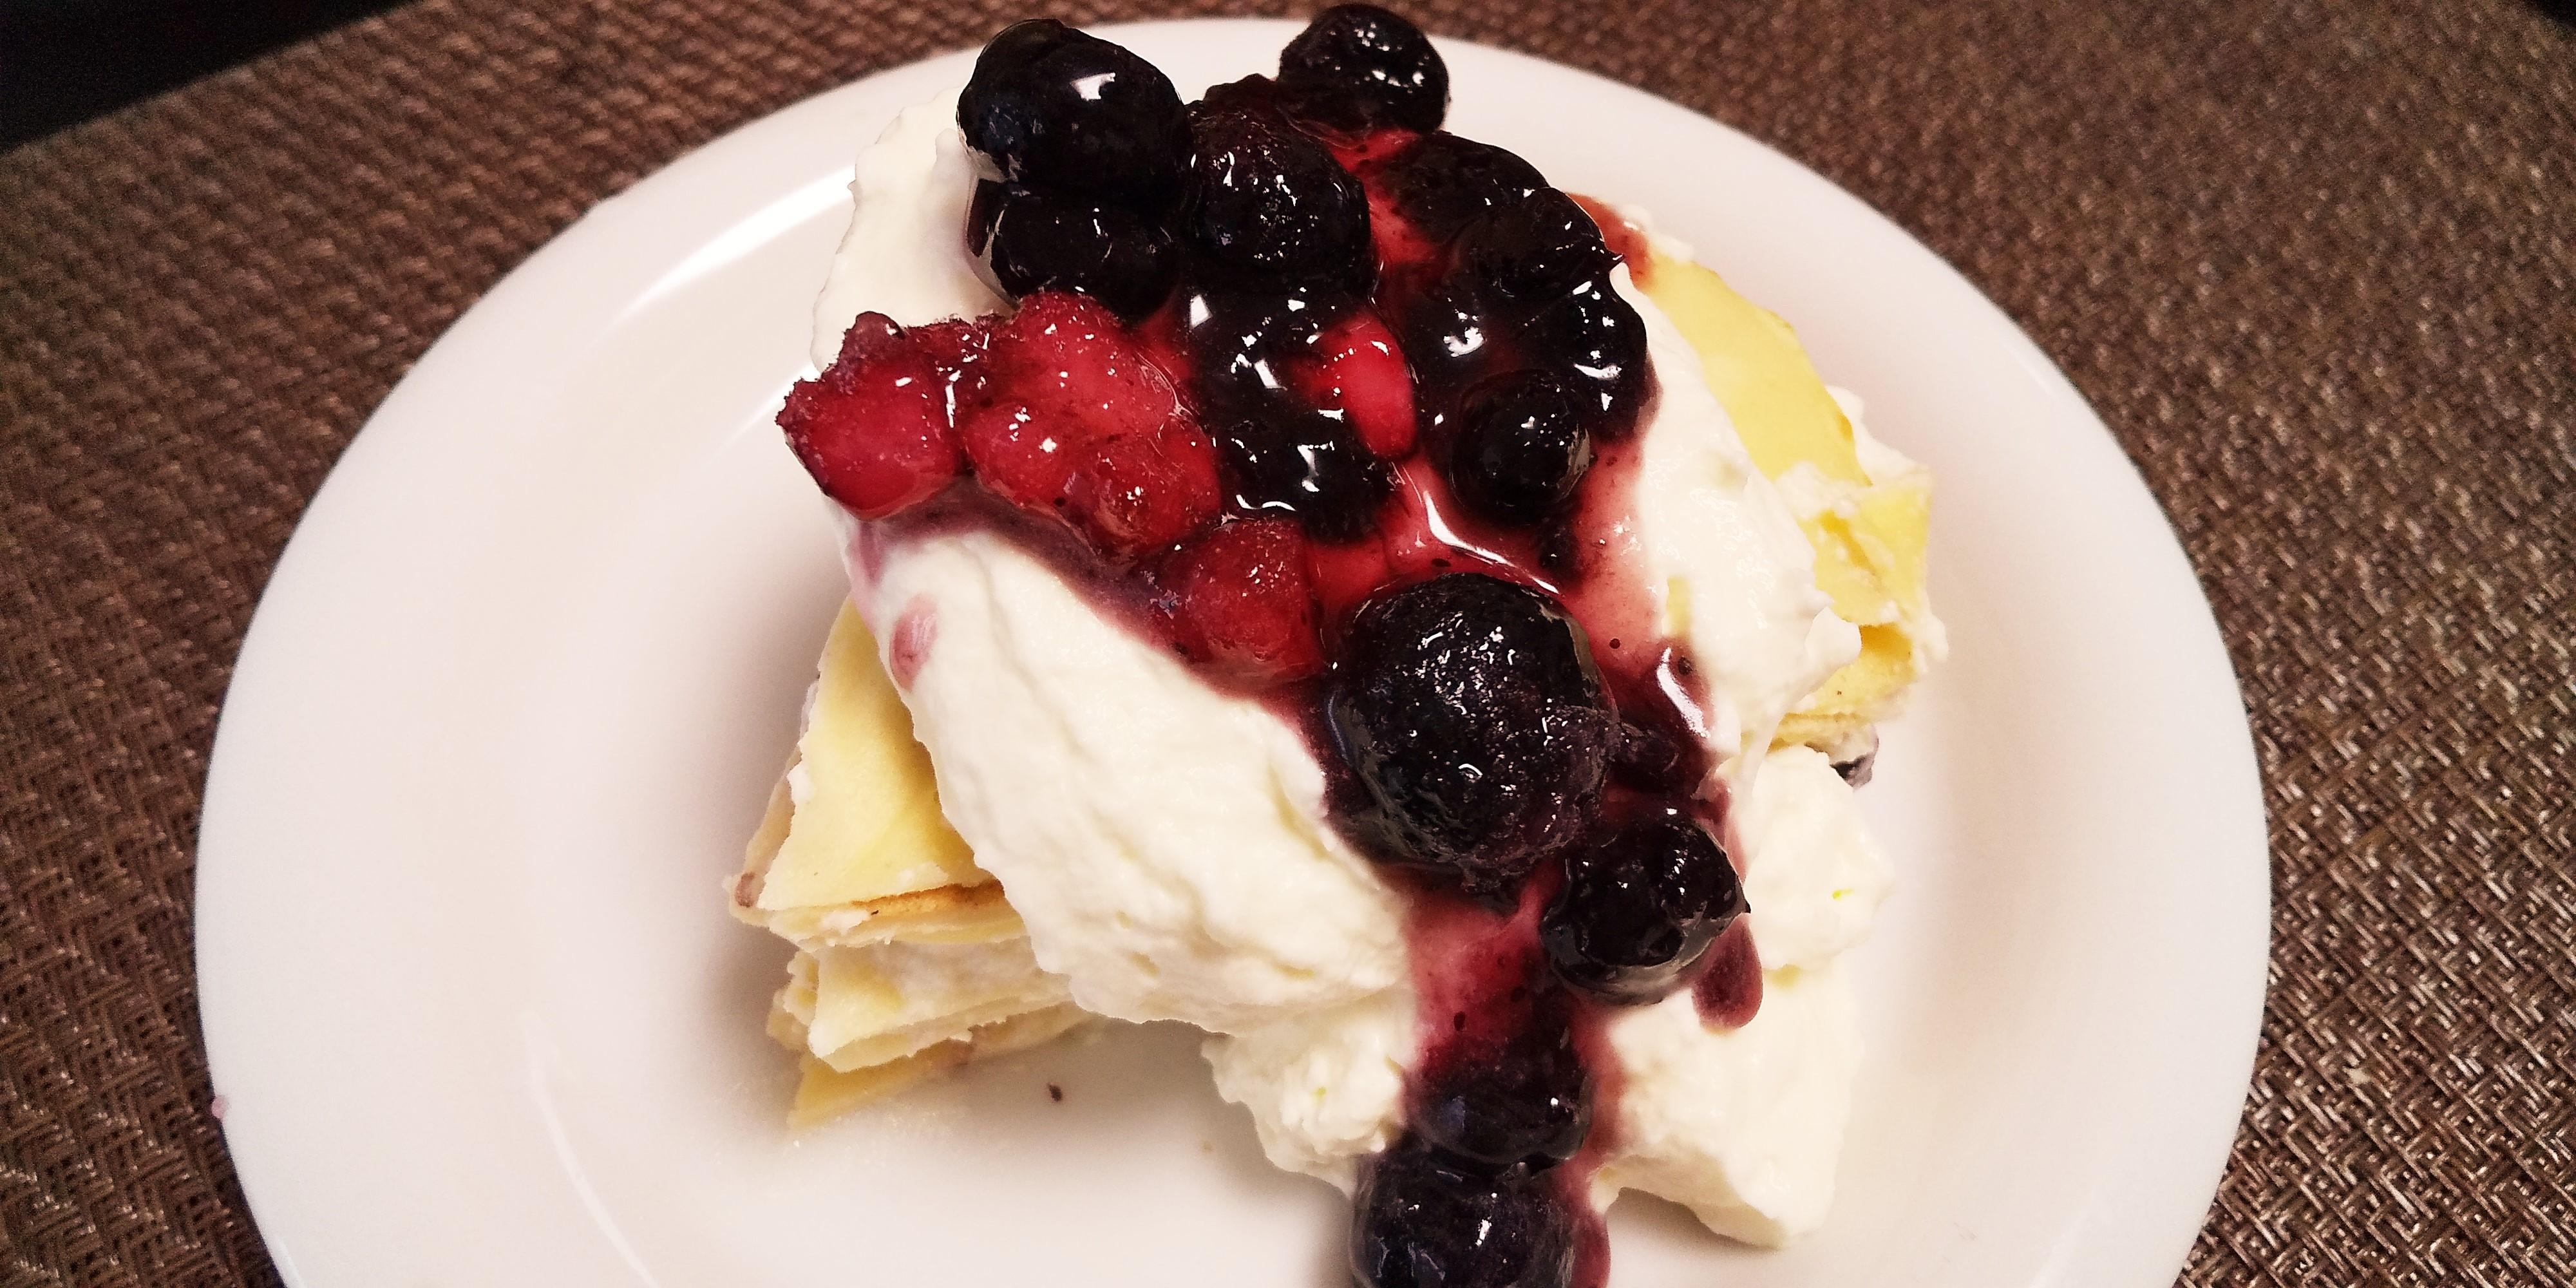 砂糖なしクリームで糖質オフのミルクレープ